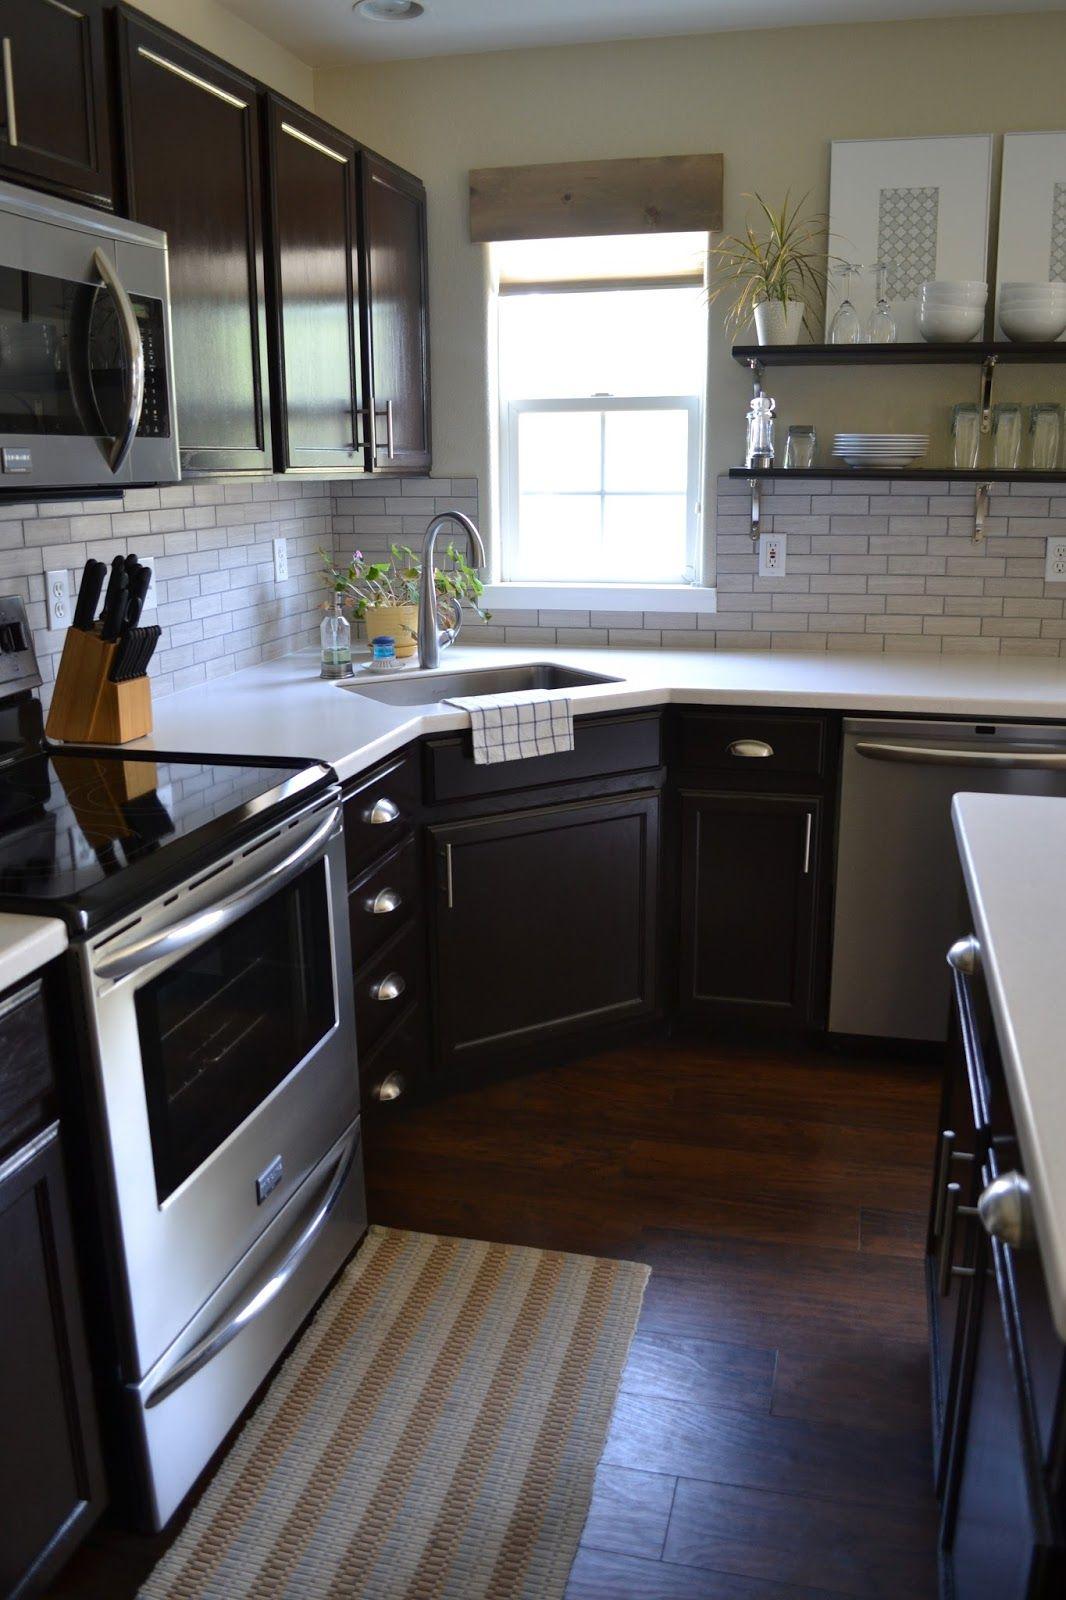 Magenta And Lime Kitchen Reveal Kitchen Sink Remodel Kitchen Sink Design Kitchen Layout